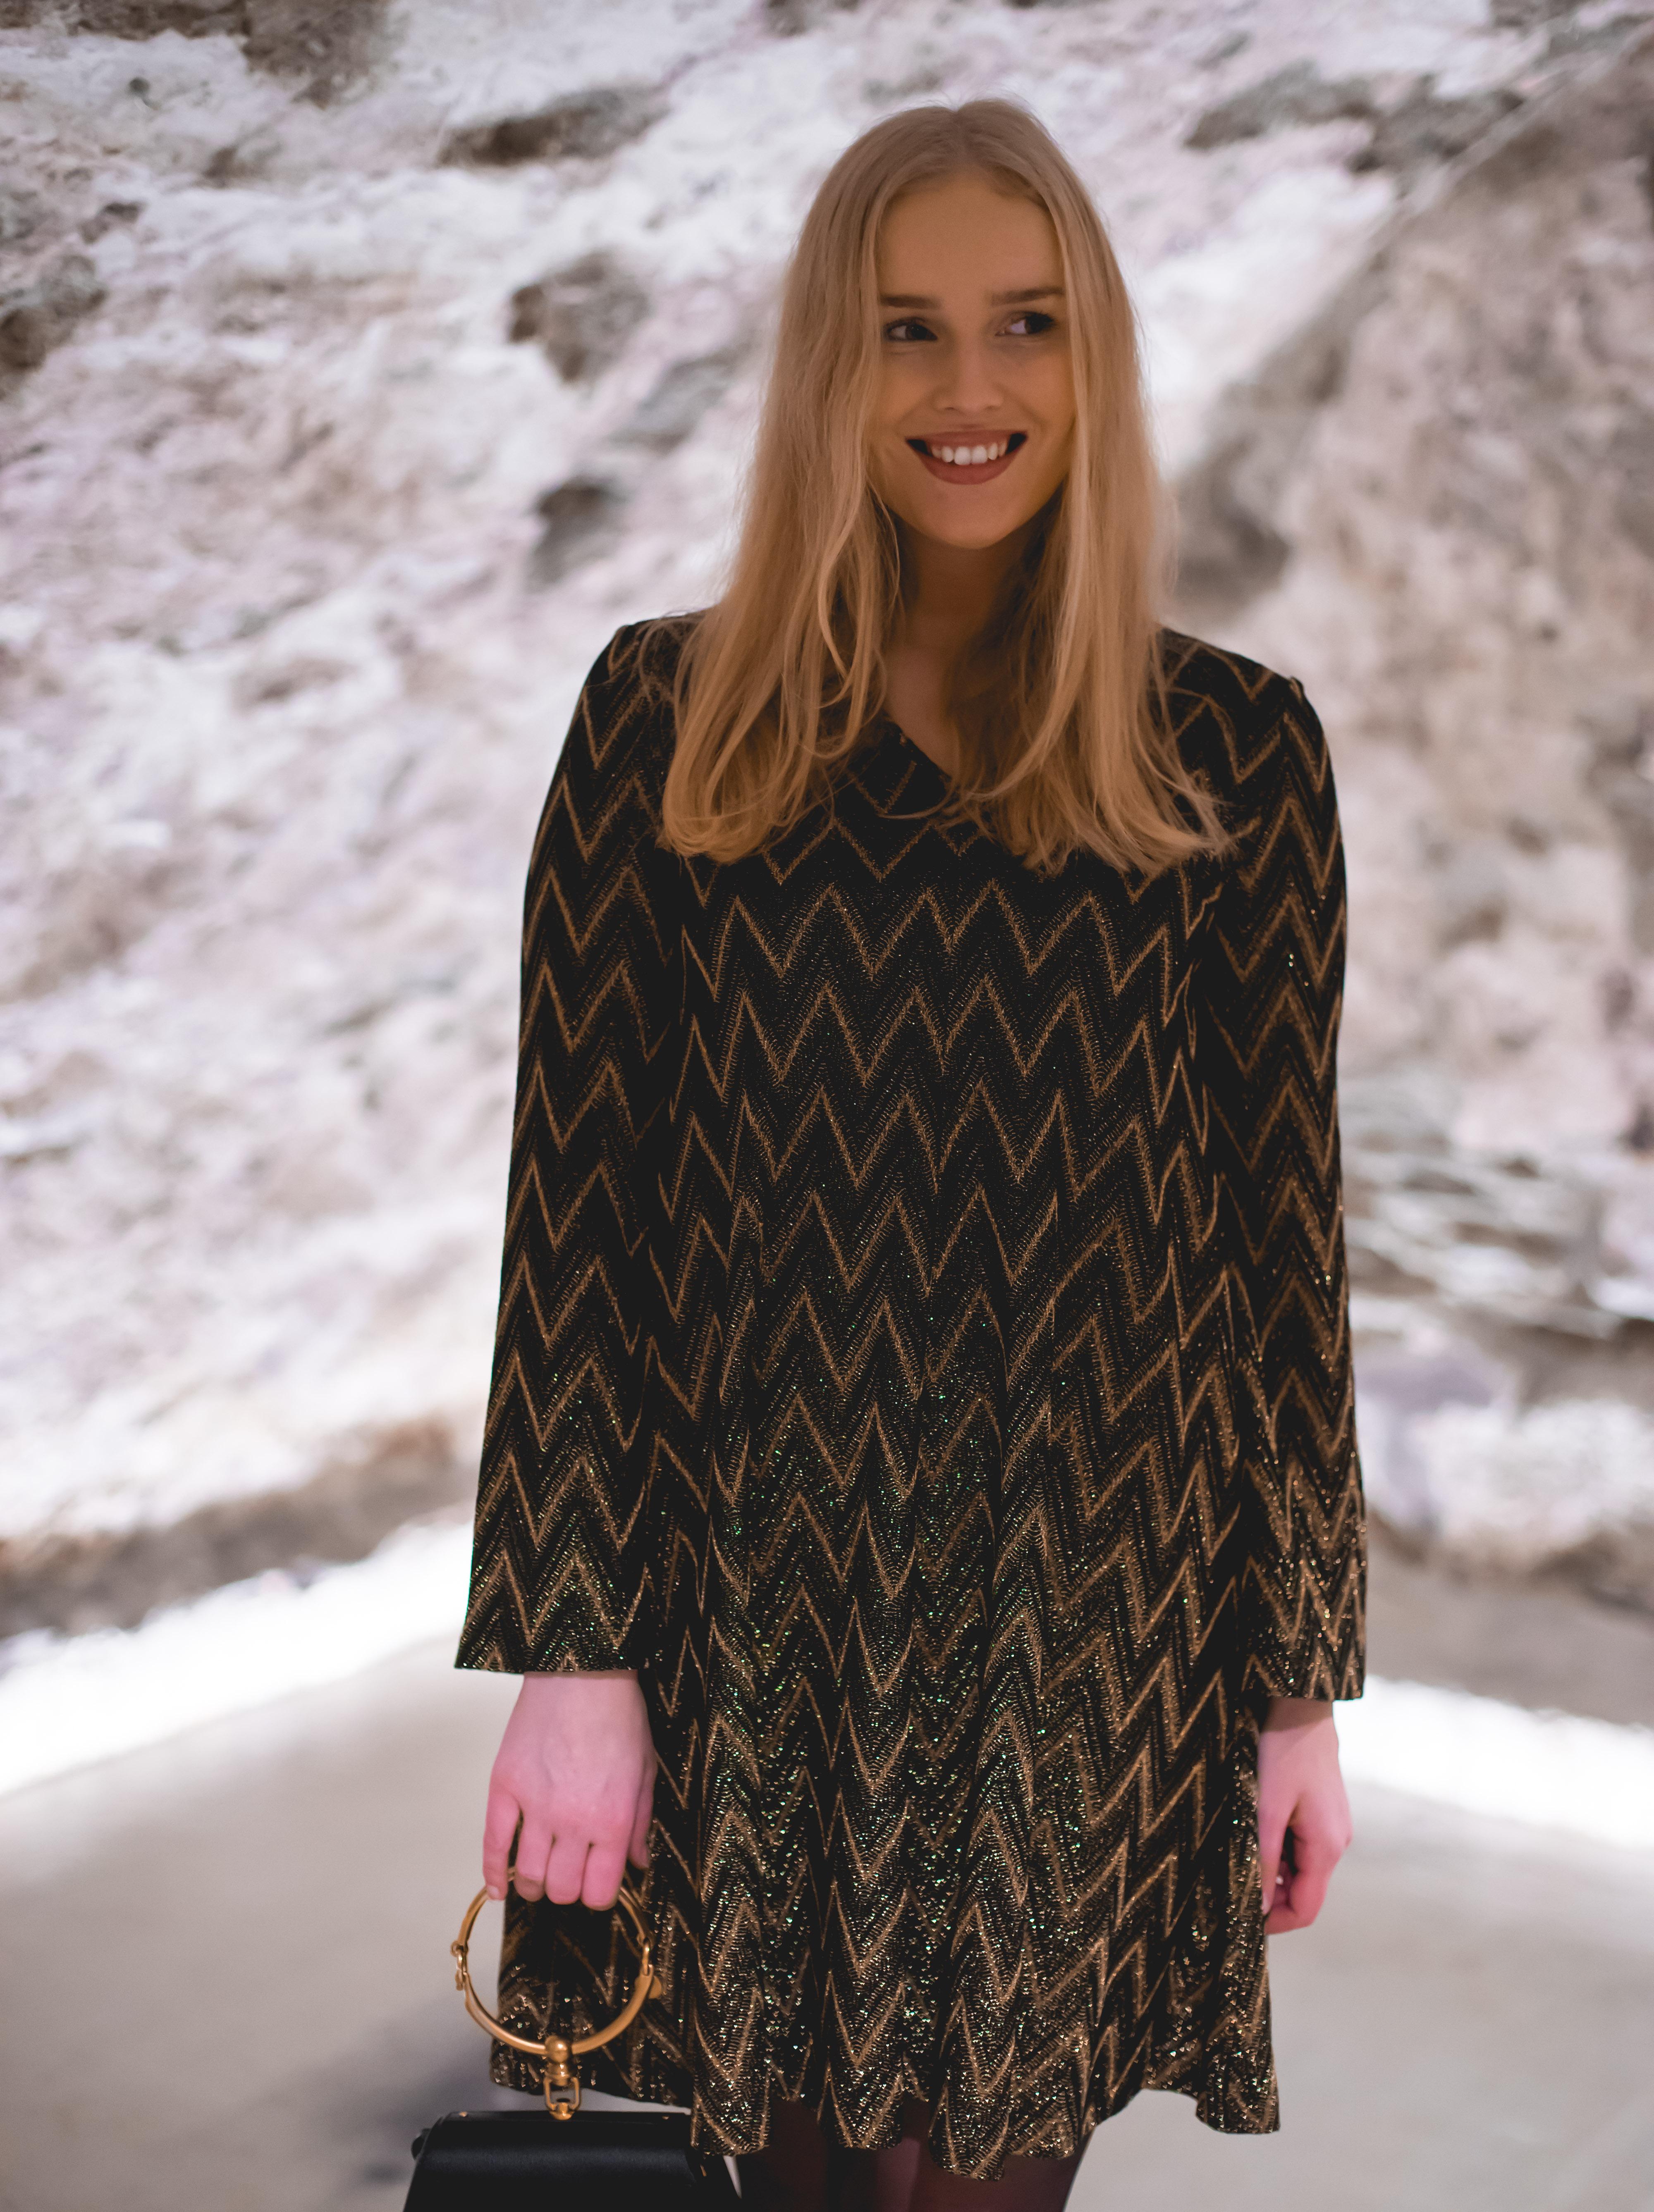 49839f80 Dette blir nok en favoritt i garderoben! ♥ Hun har stylet kjolen med IT- vesken Chloè Nile small i sort og sko fra Valentino.